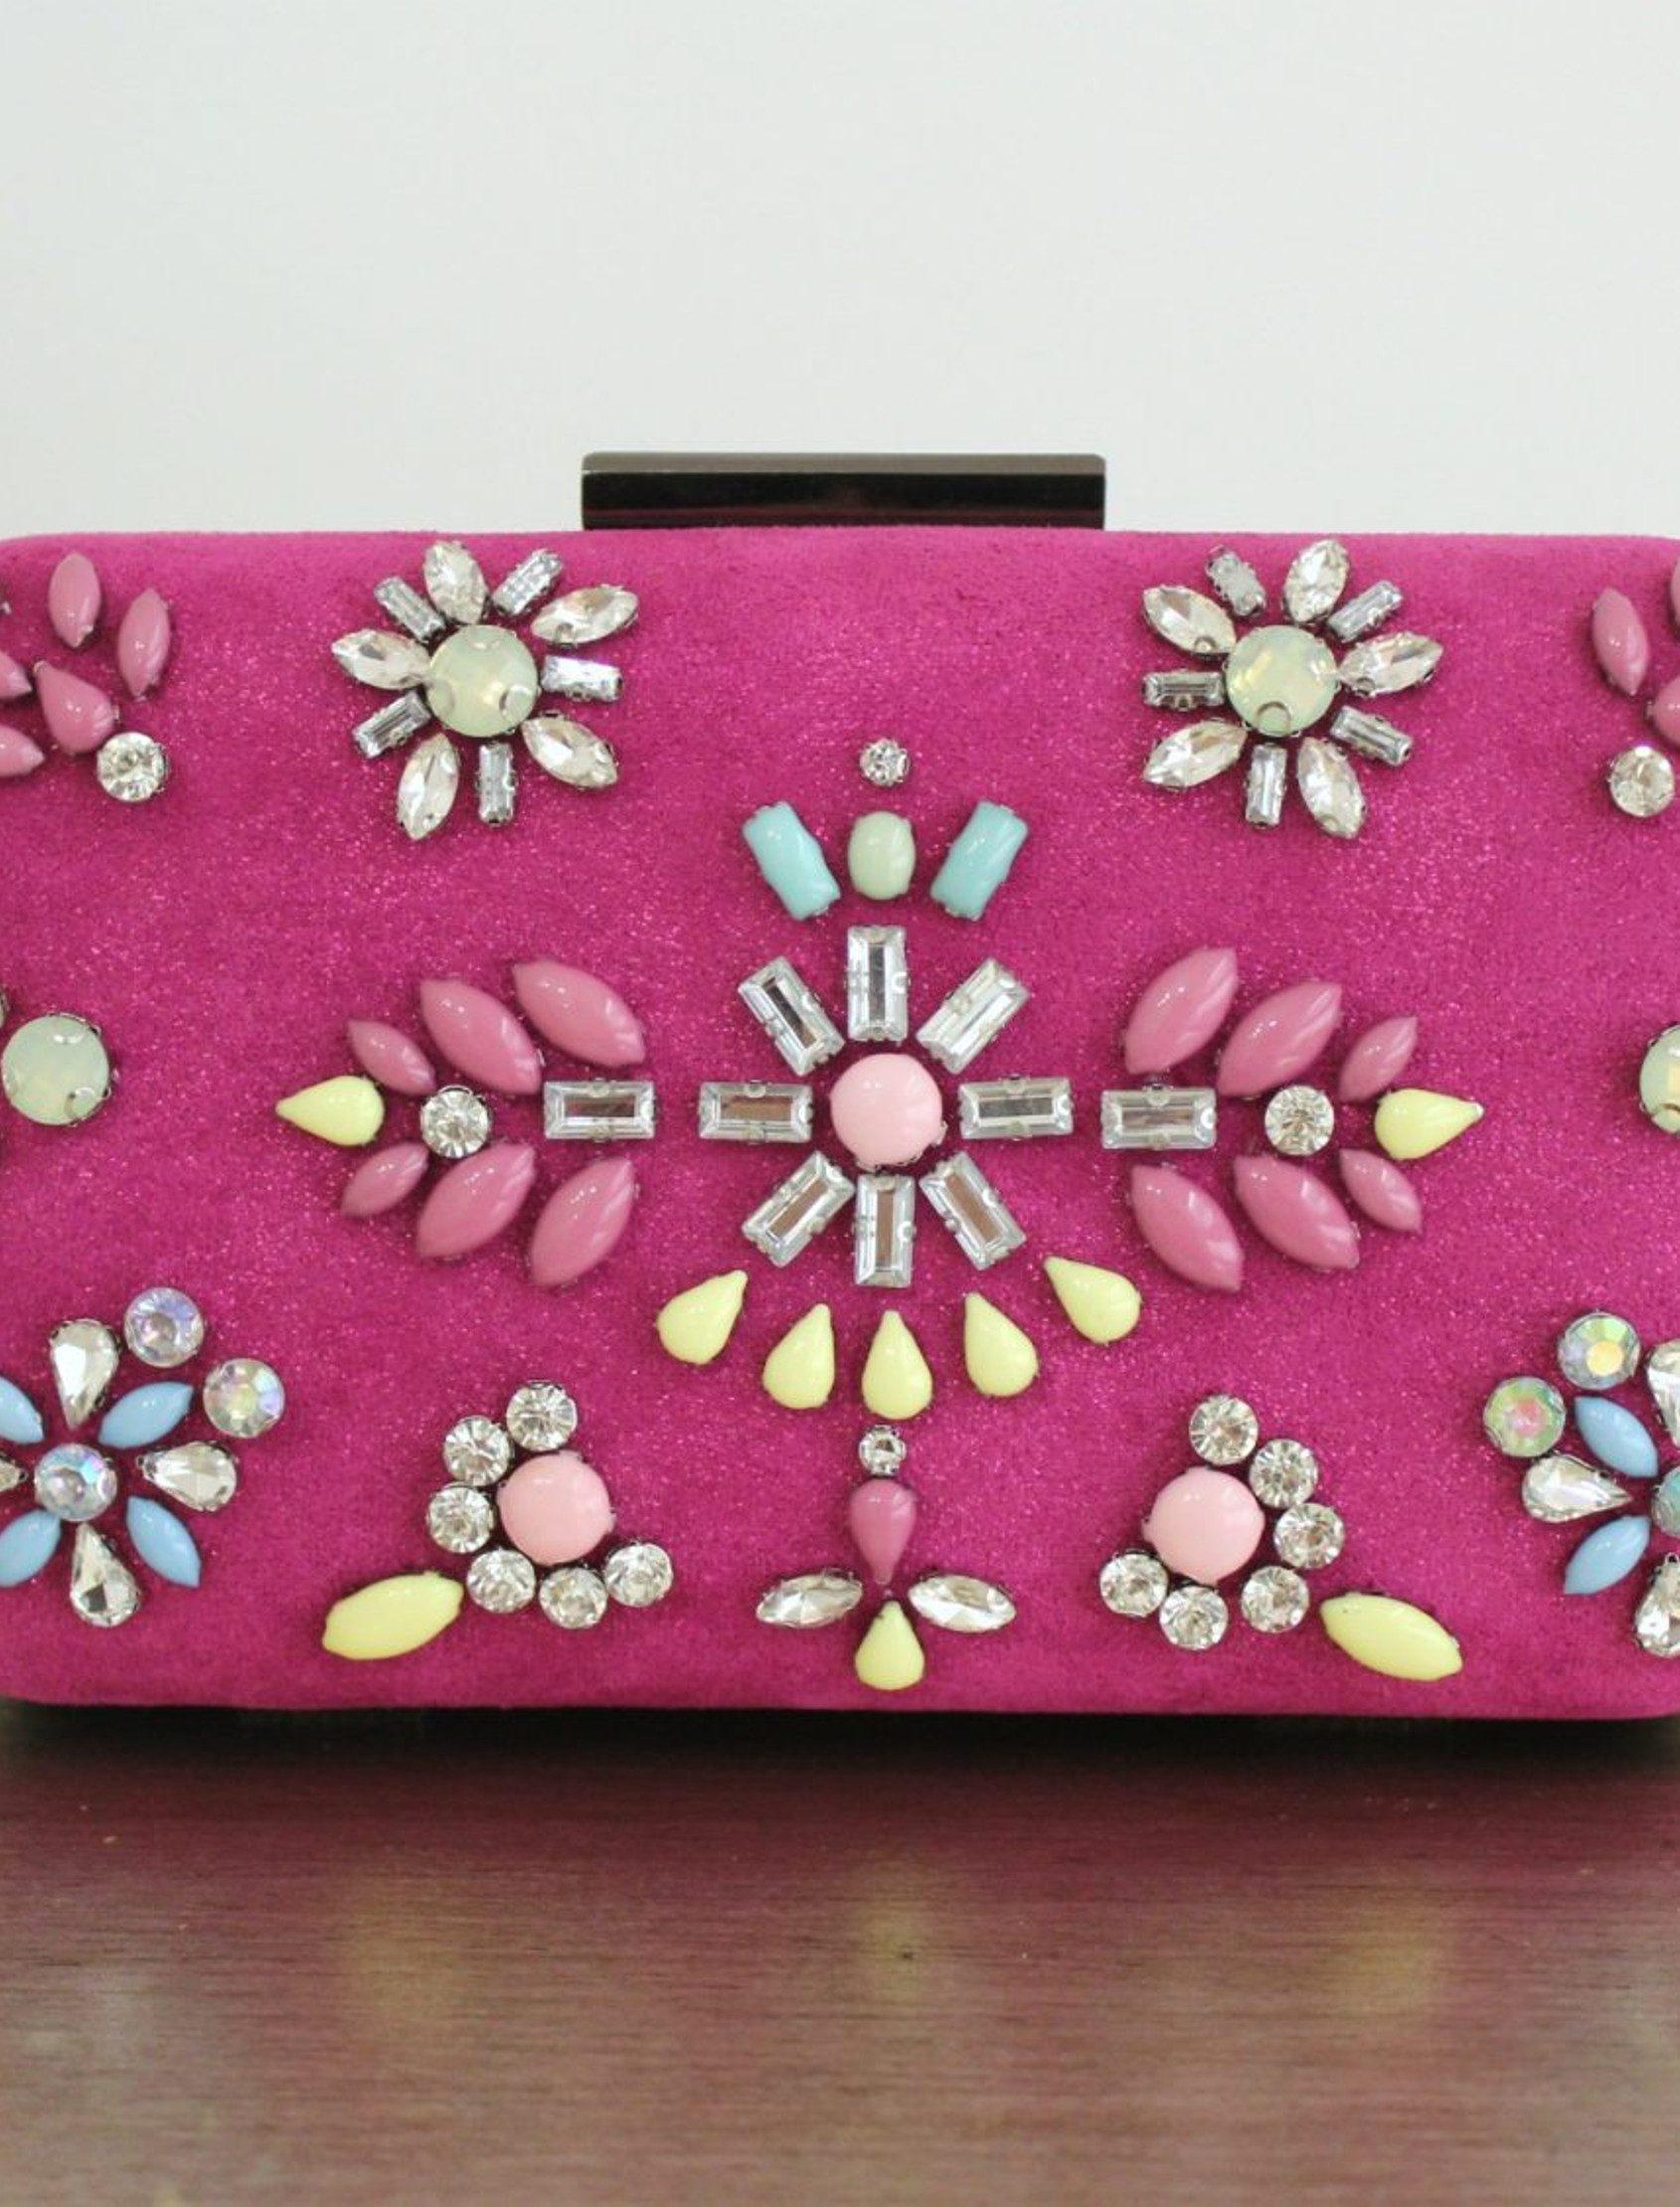 Clutch confeccionado en antelina irisada, esta cartera lleva pedrería multicolor en colores empolvados. Dispone de cadena metálica y cierre a presión.